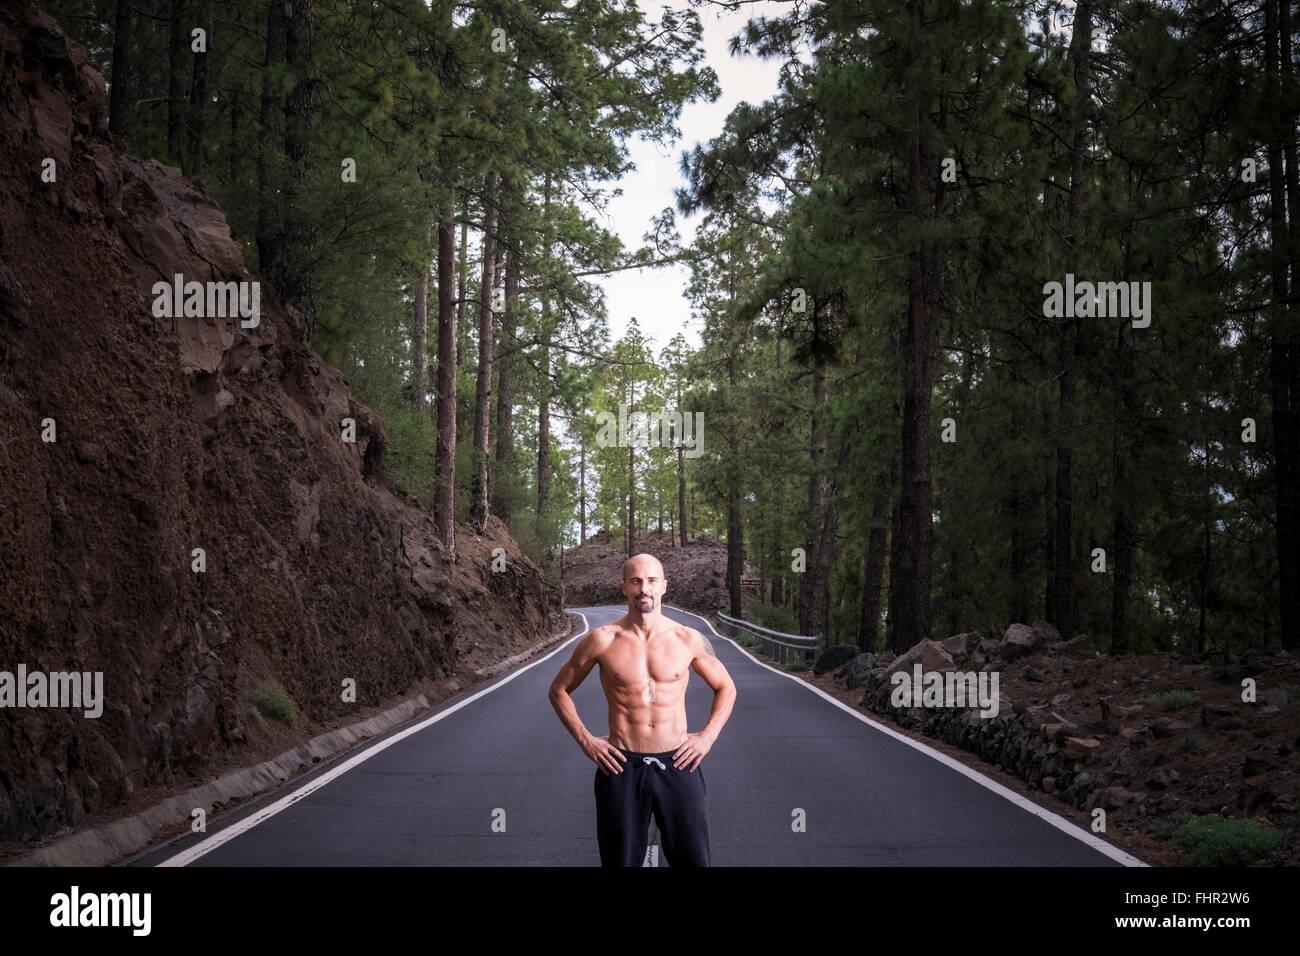 Spagna Tenerife shirtless muscolare uomo con le mani sui suoi fianchi in piedi su una strada vuota Immagini Stock